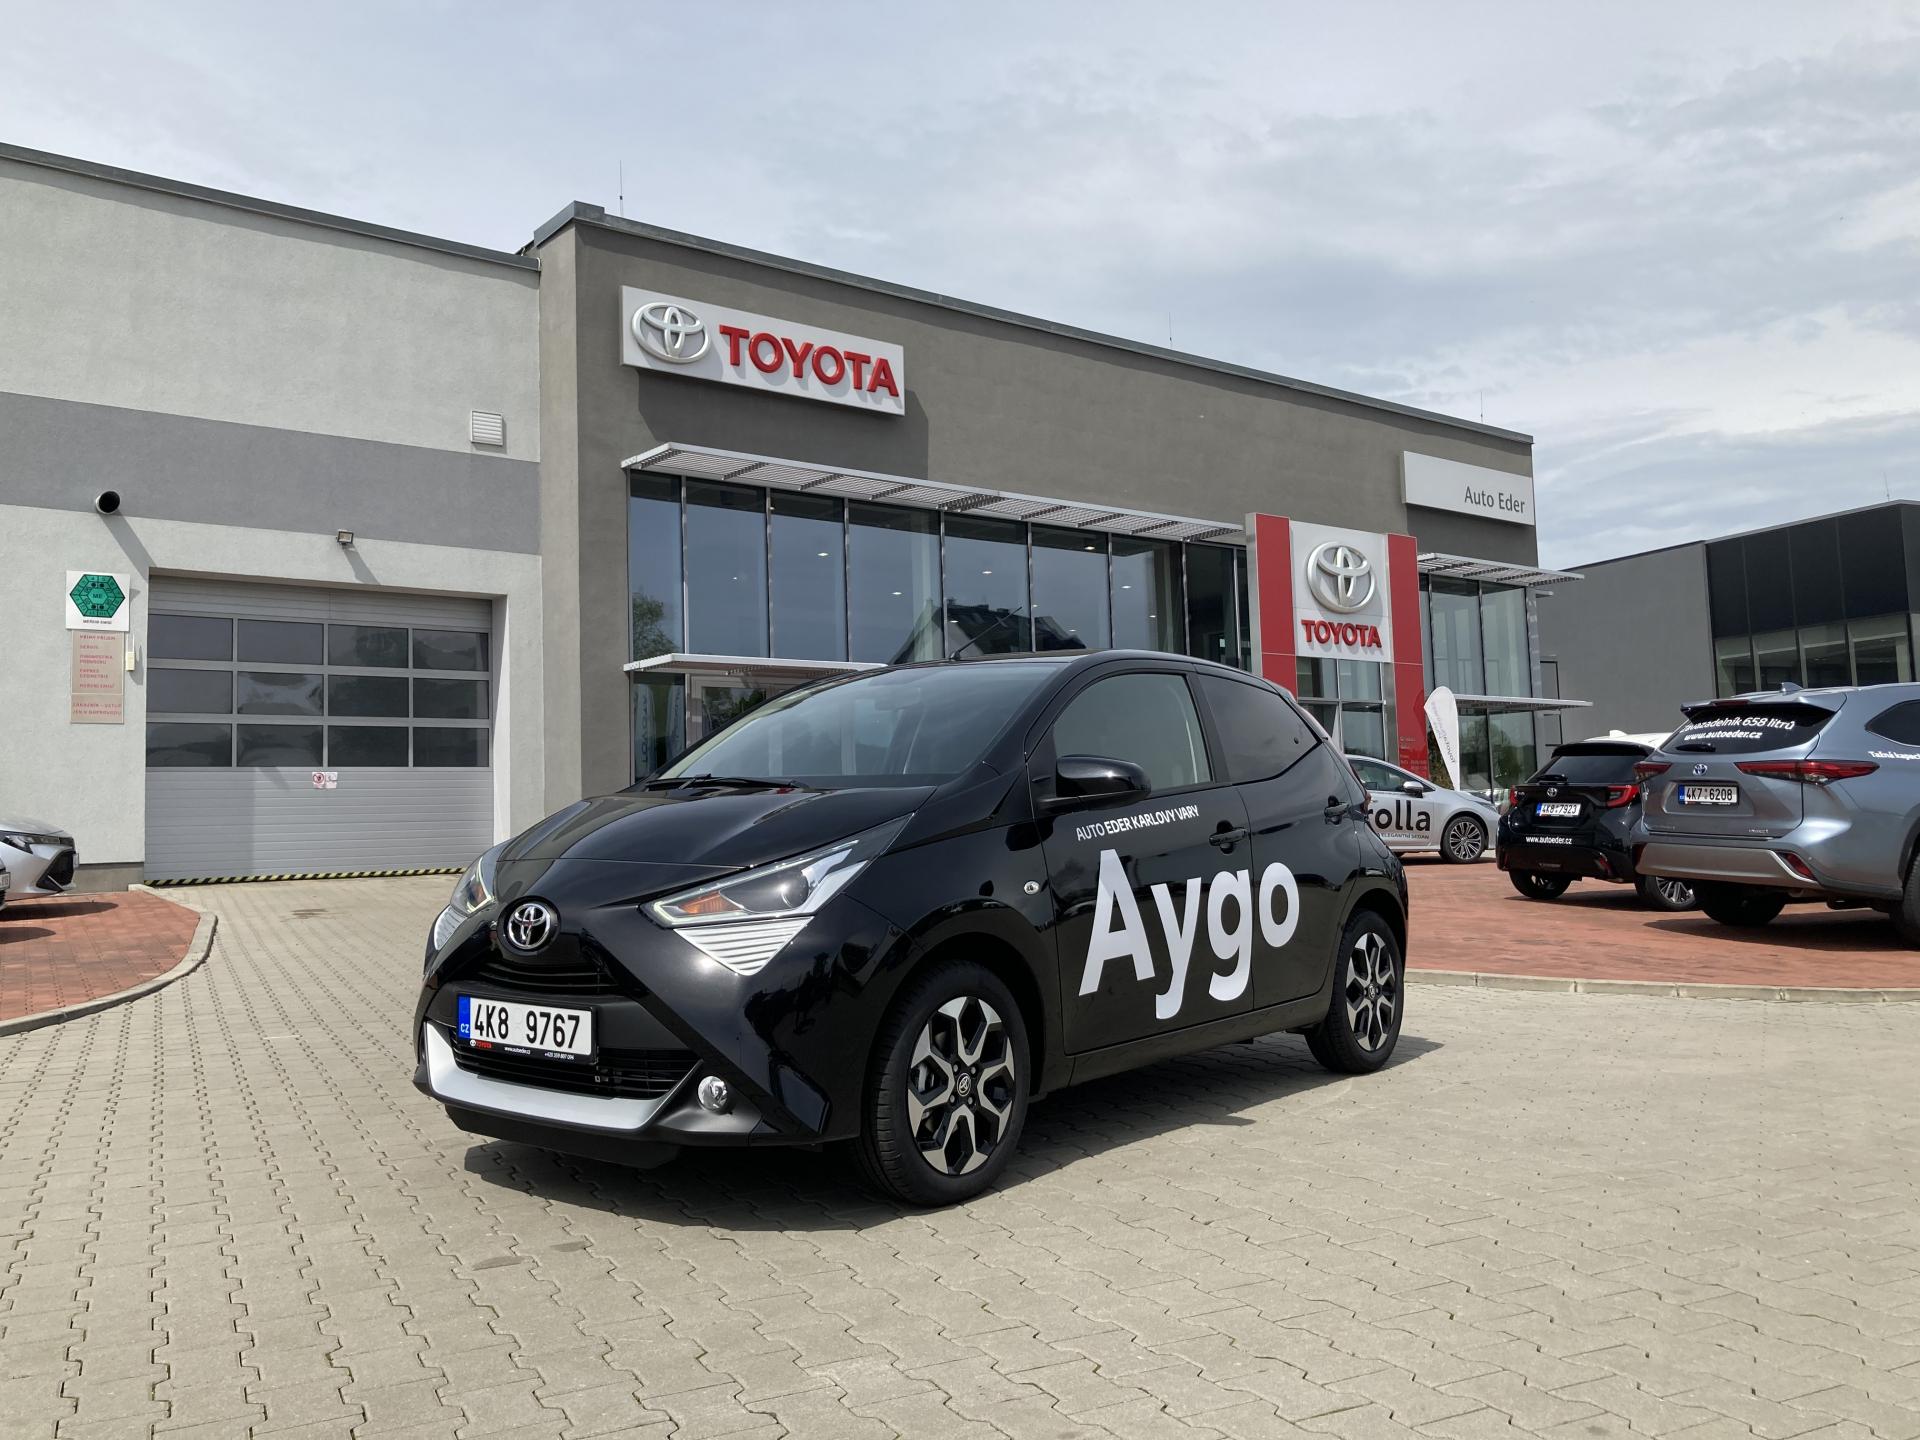 Toyota AYGO MY21 1,0 VVT-i (72 k) benzin 5st. man. x-play